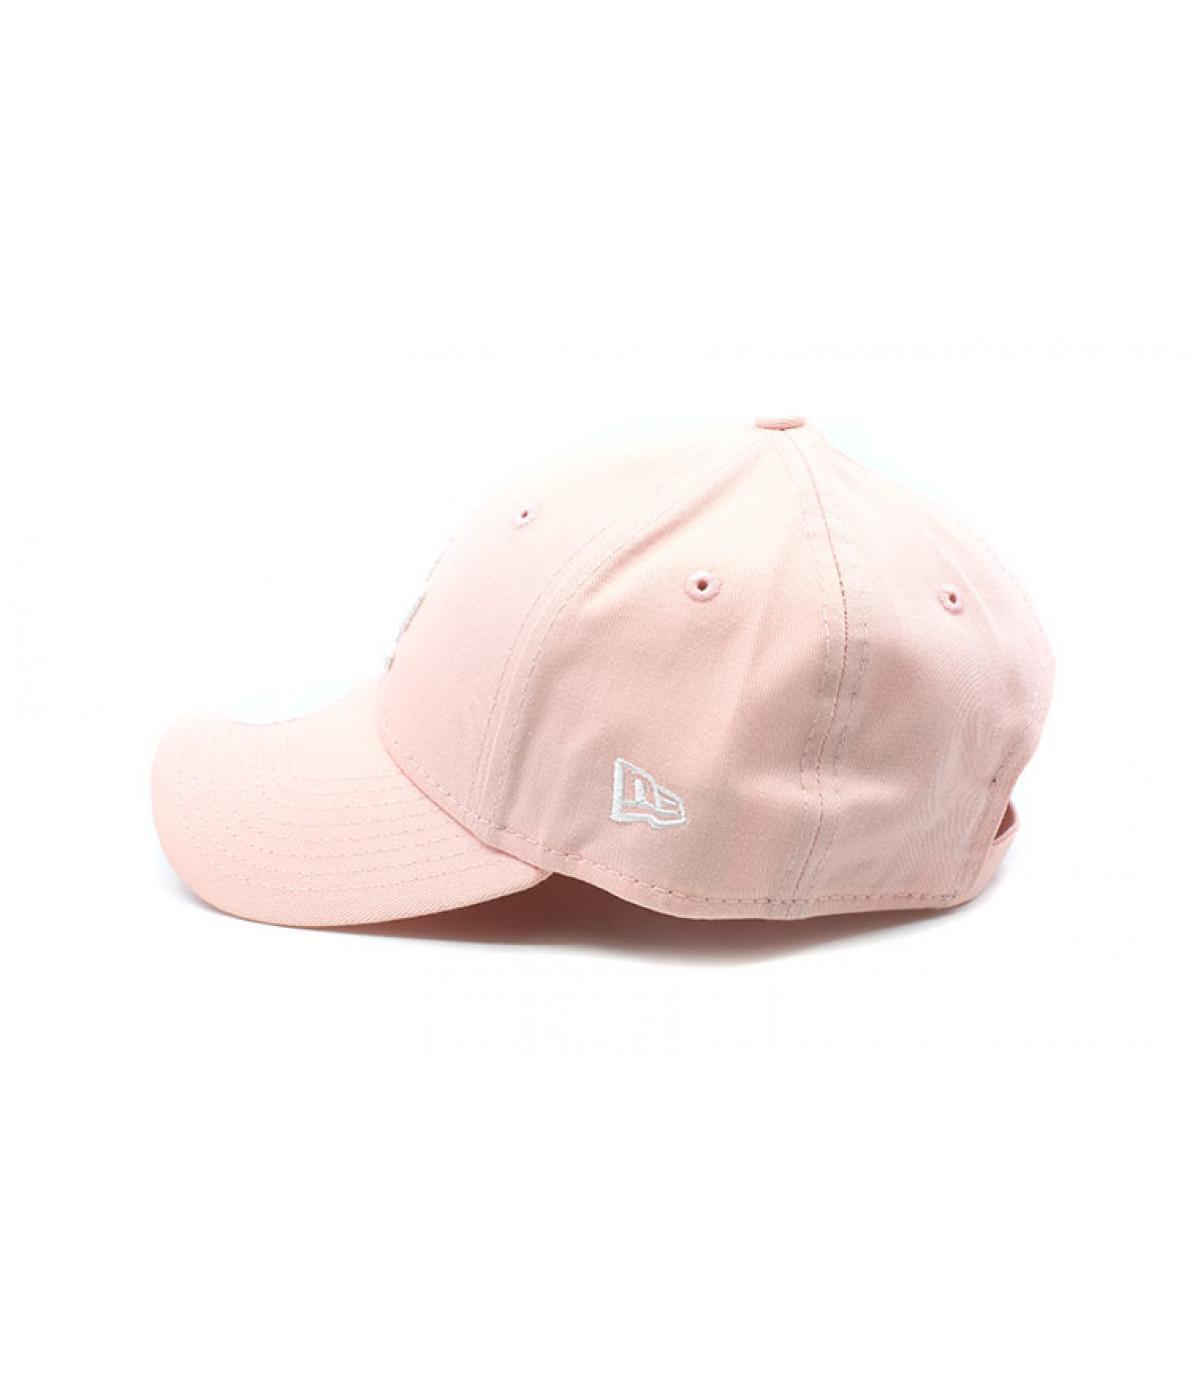 Détails Casquette  Wmns League Ess LA 9Forty pink - image 4